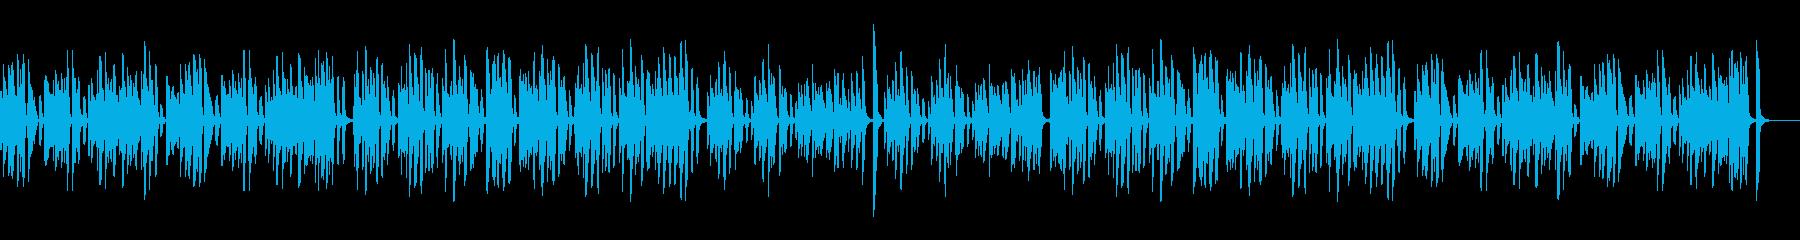 コロコロ可愛いレトロジャズピアノの再生済みの波形